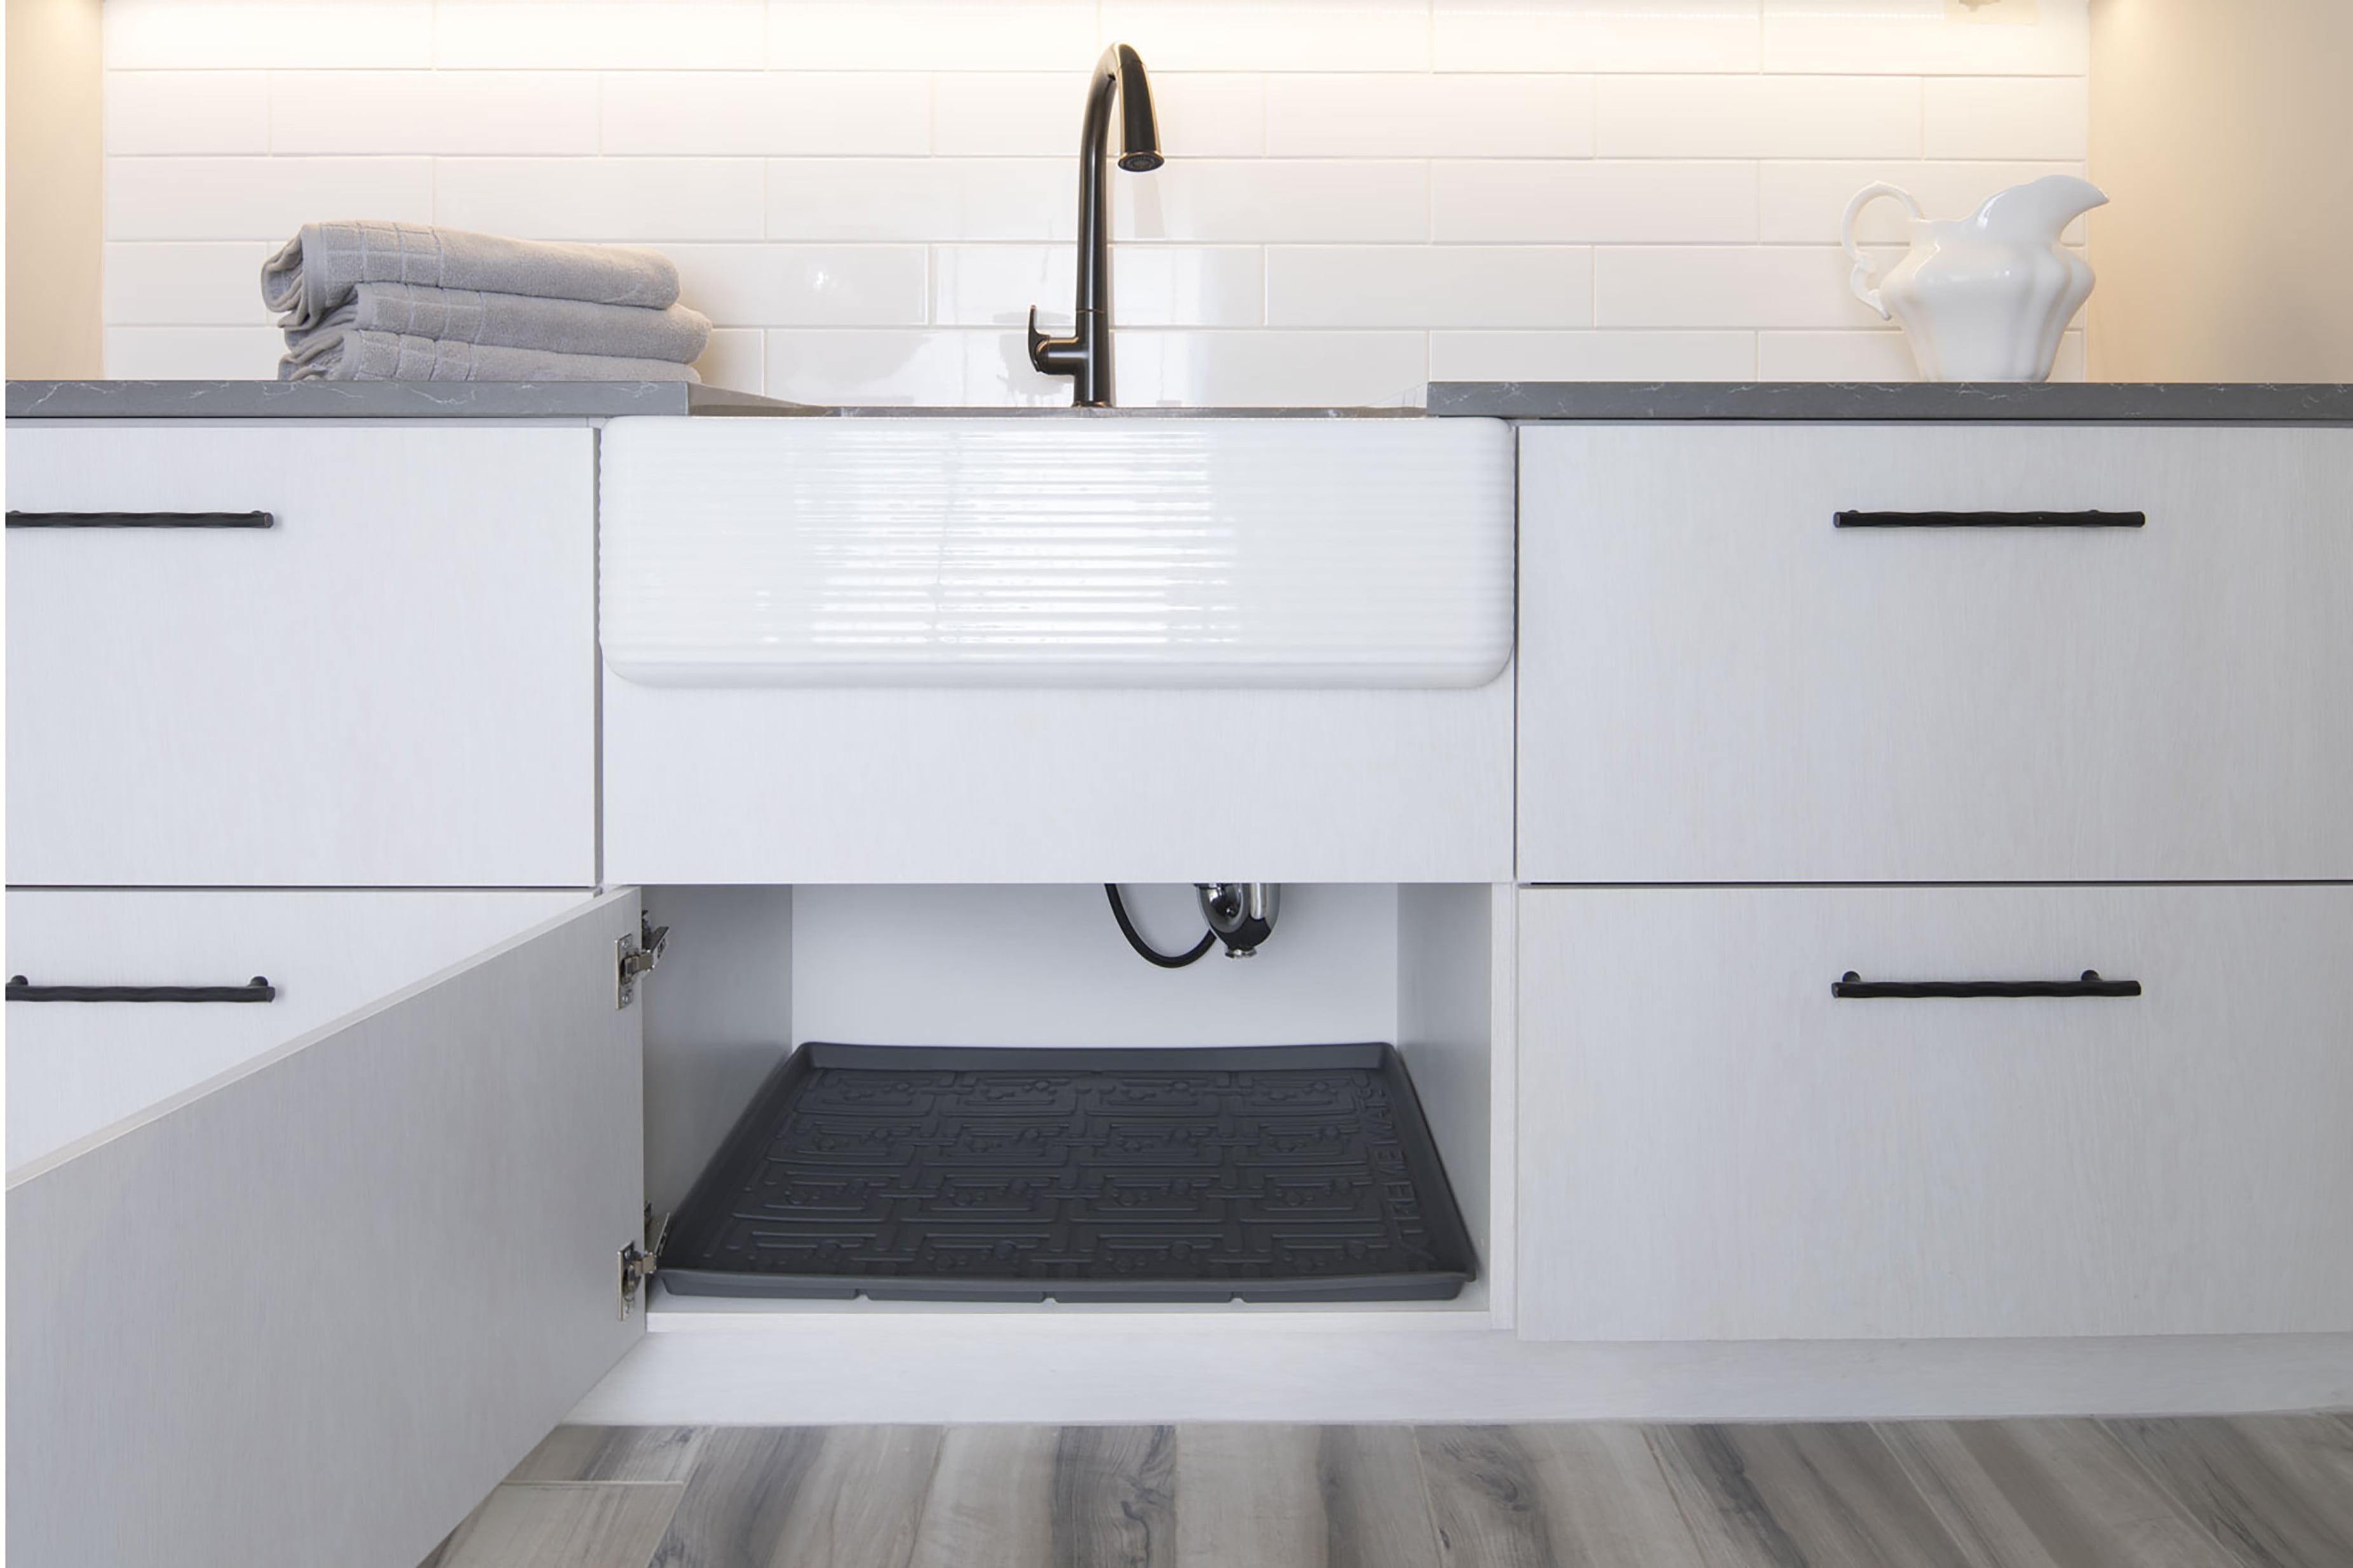 Xtreme Mats Under Sink Kitchen Cabinet Mat 36 5 8 X 21 7 8 Grey